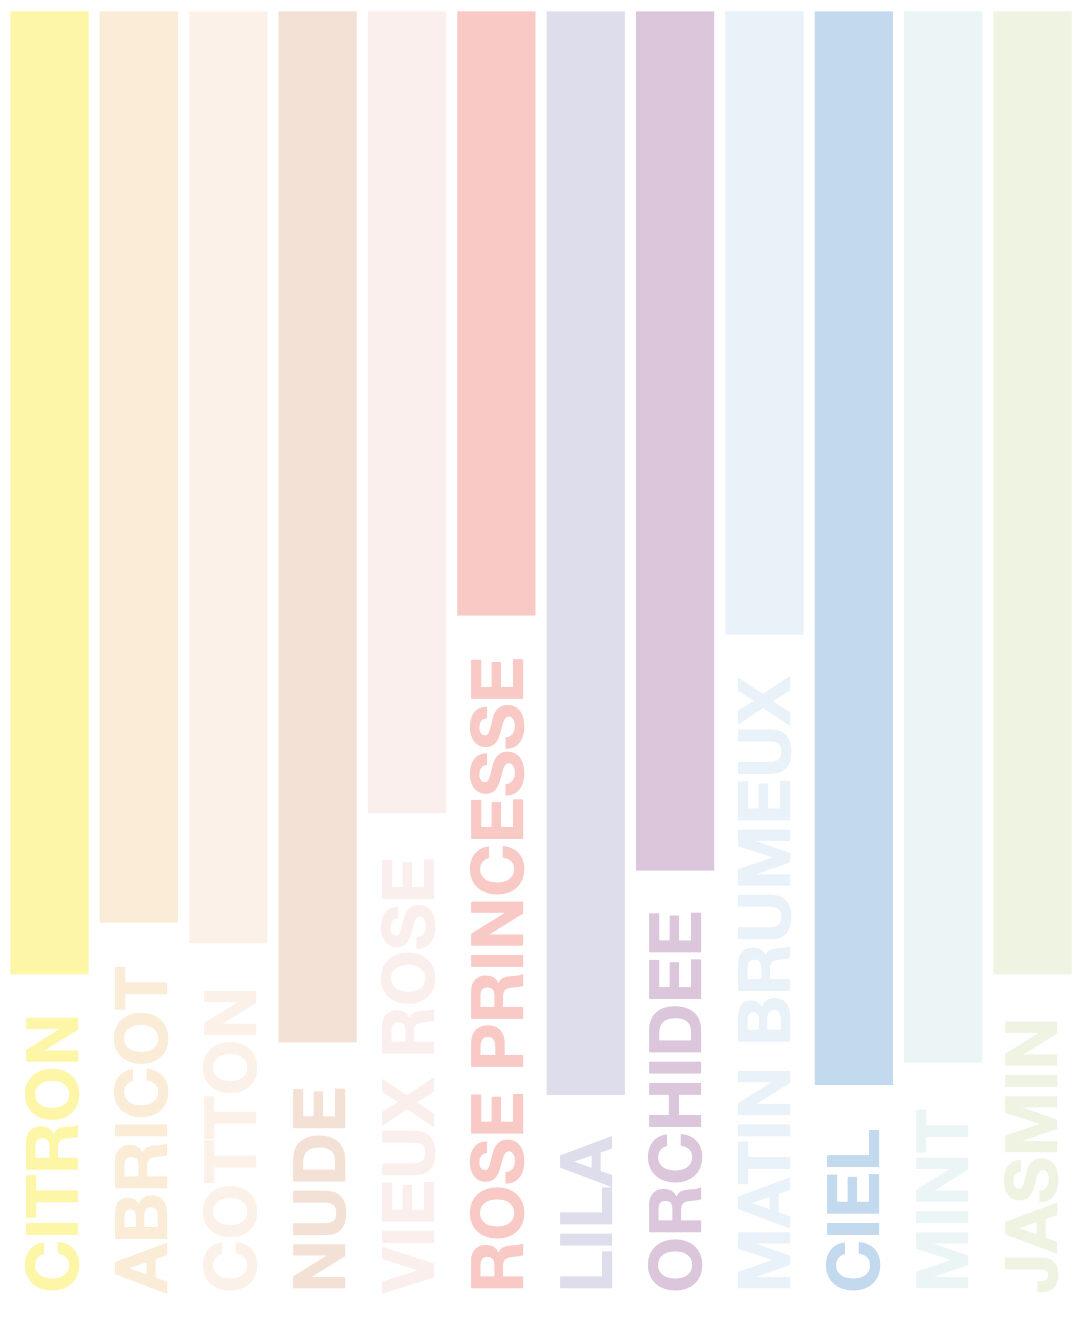 couleur nuance pastel nuancier peinture idée décoration intérieure blog déco clematc